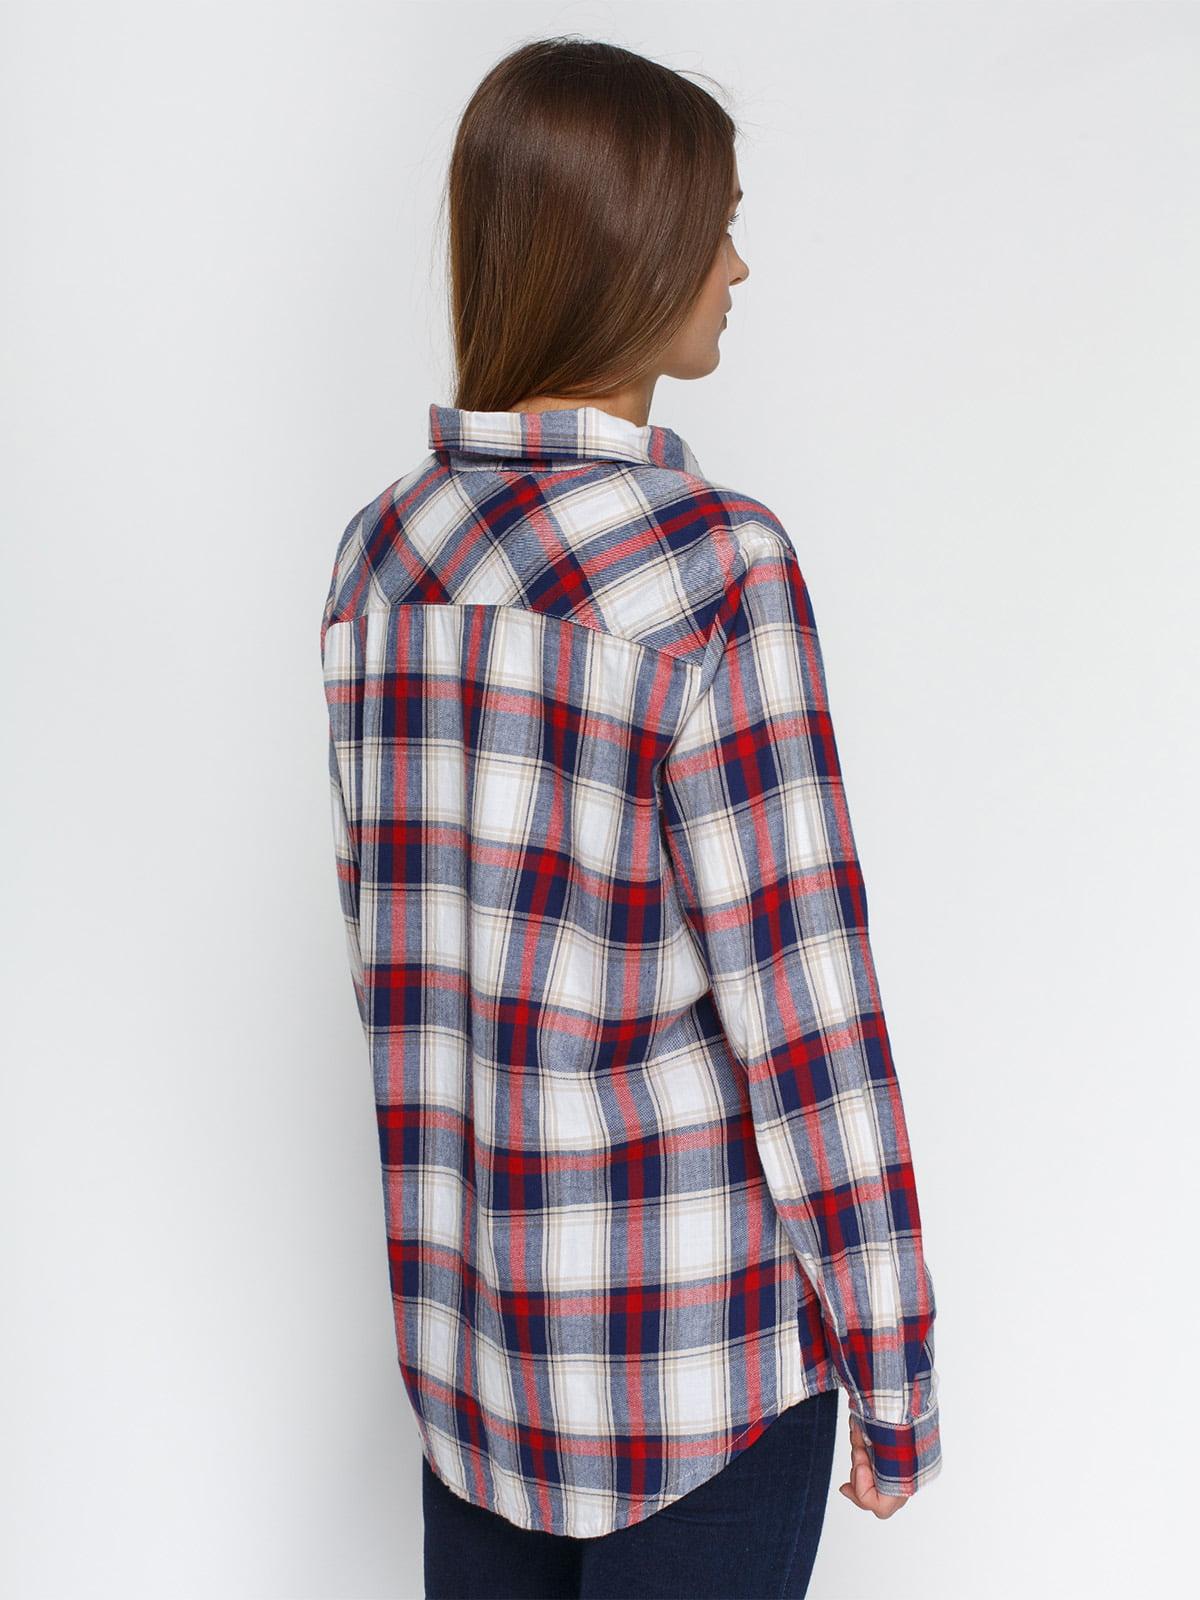 Рубашка клетчатая   4628242   фото 2